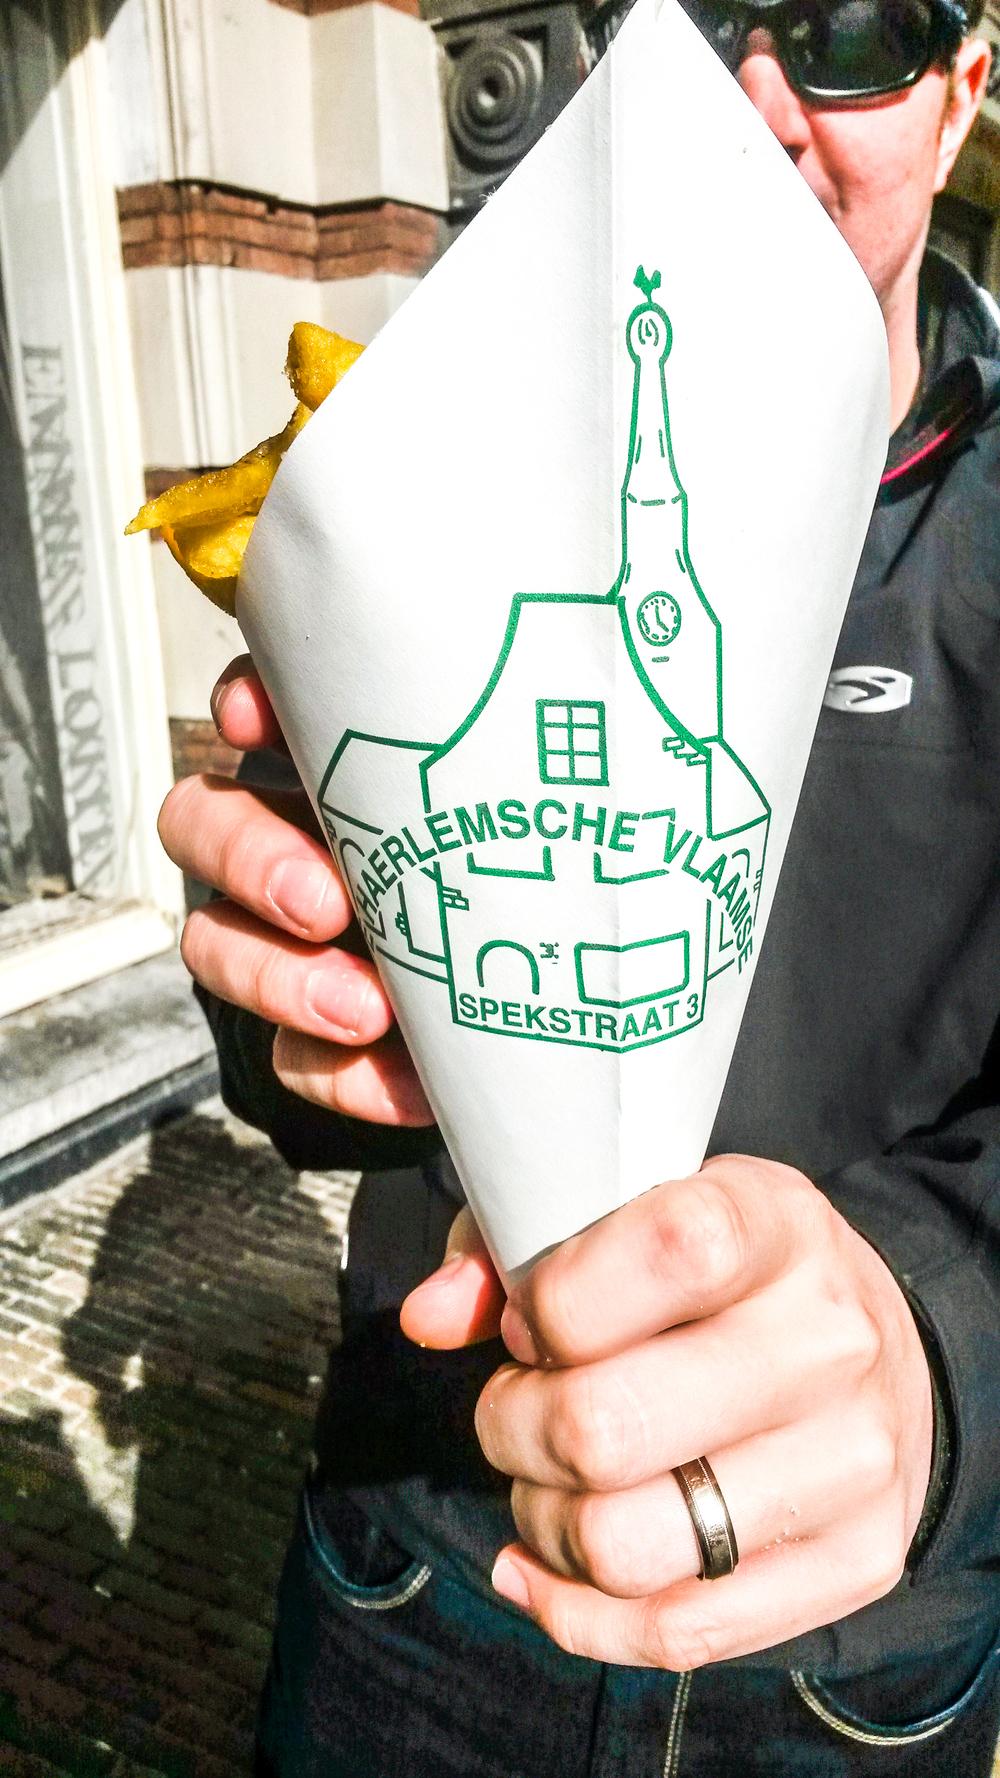 Haerlemsche Vlaamse Friets!